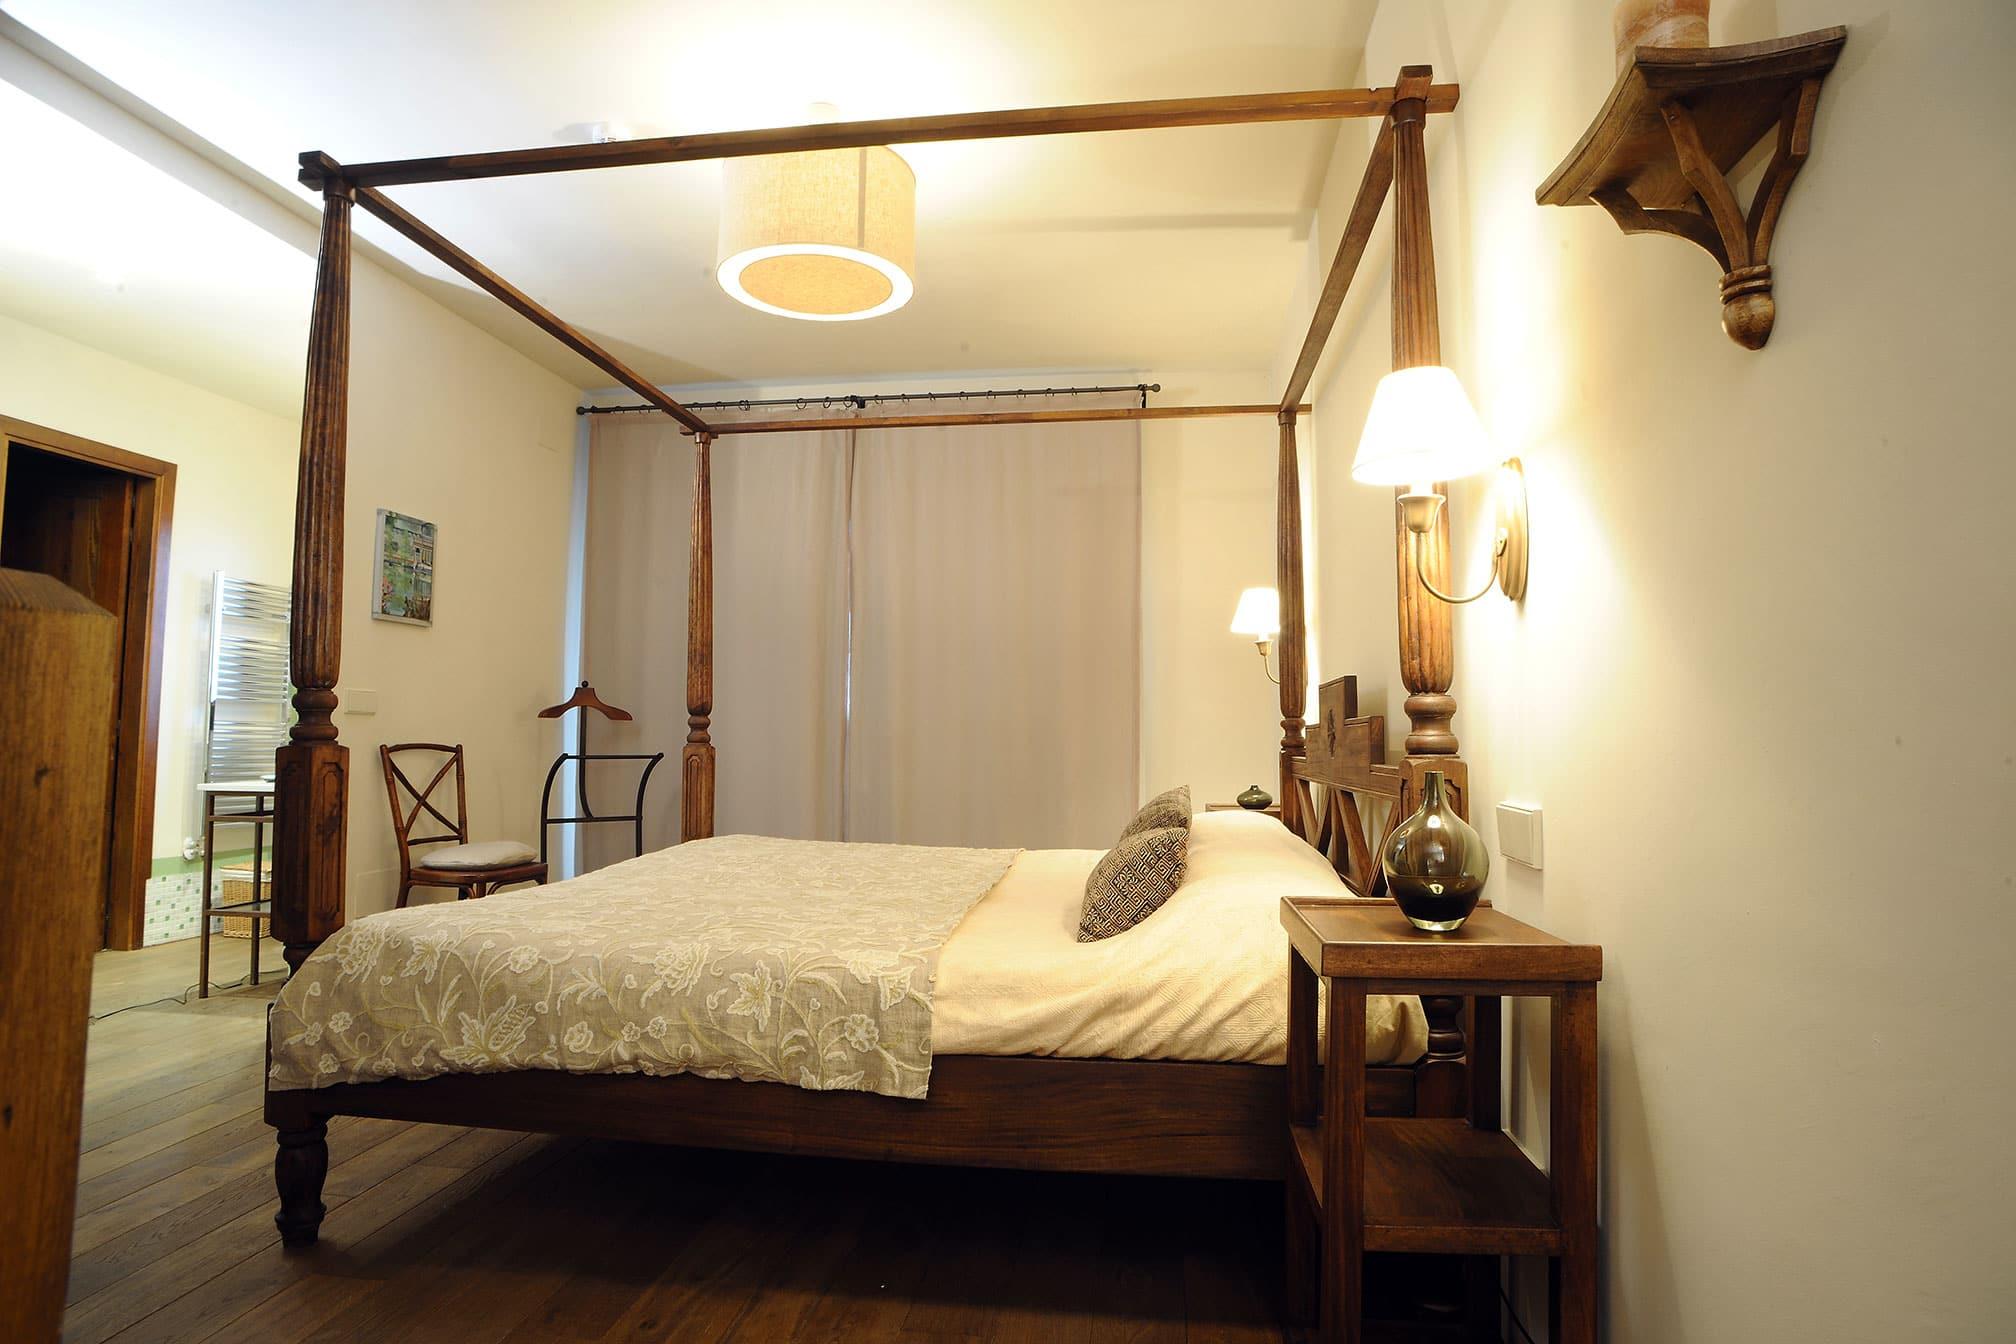 Apartamento Rural en Segovia - Las Eras